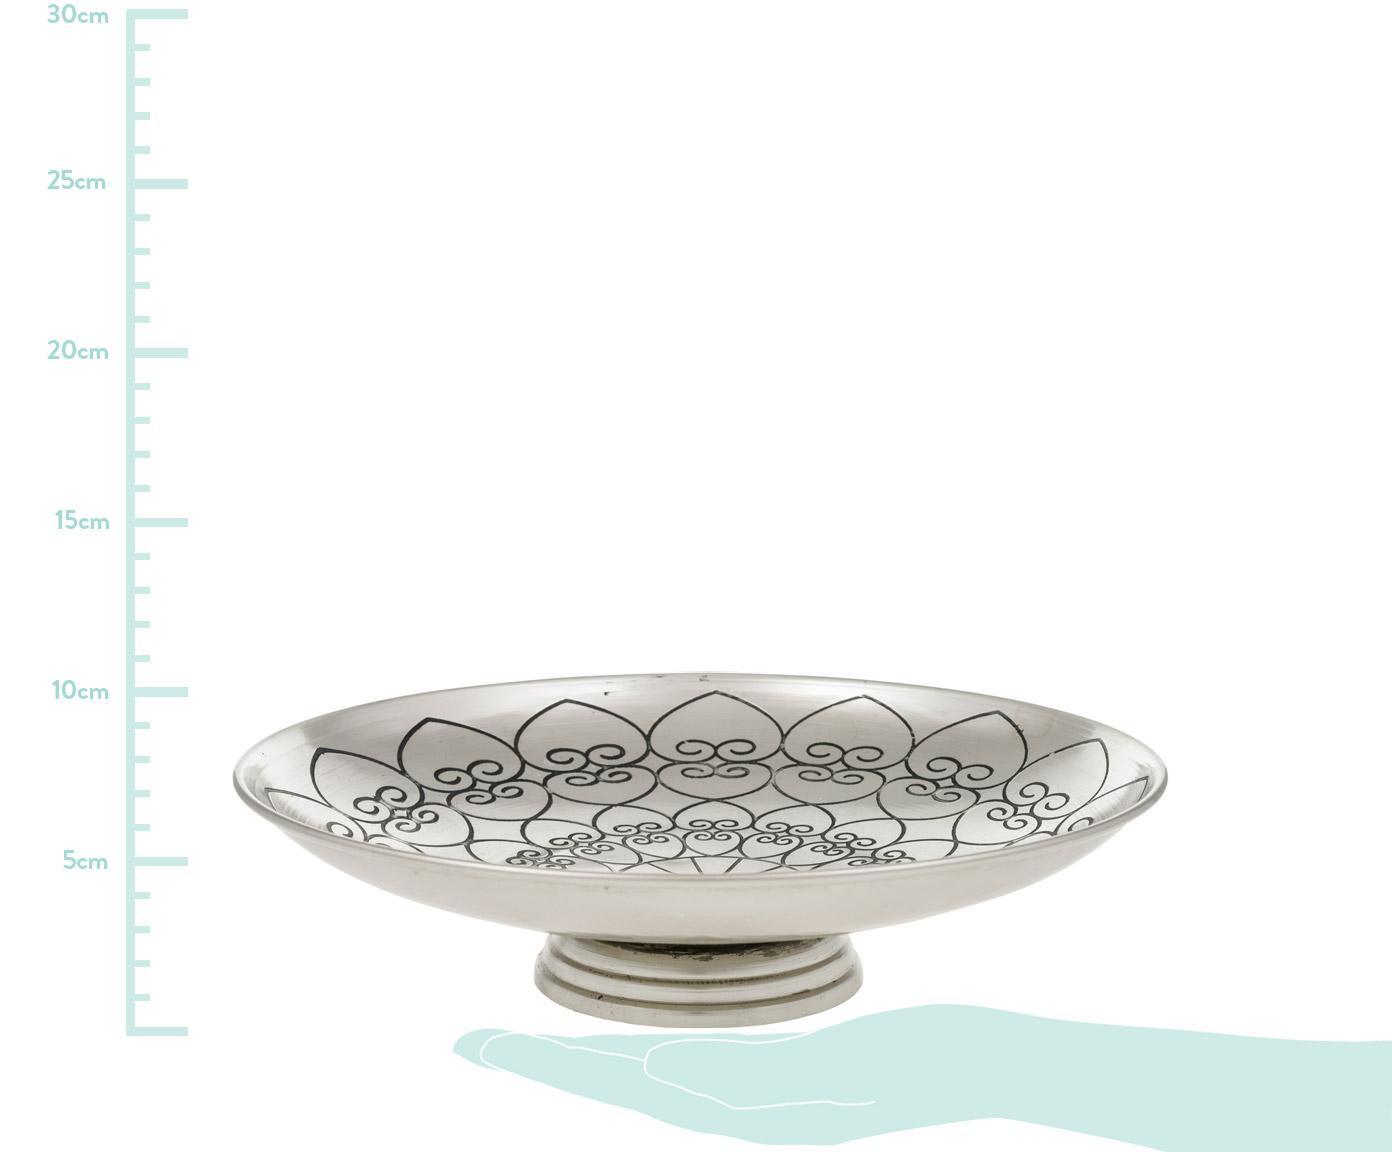 Deko-Schale Toledo, Metall, Metall, Ø 27 x H 7 cm